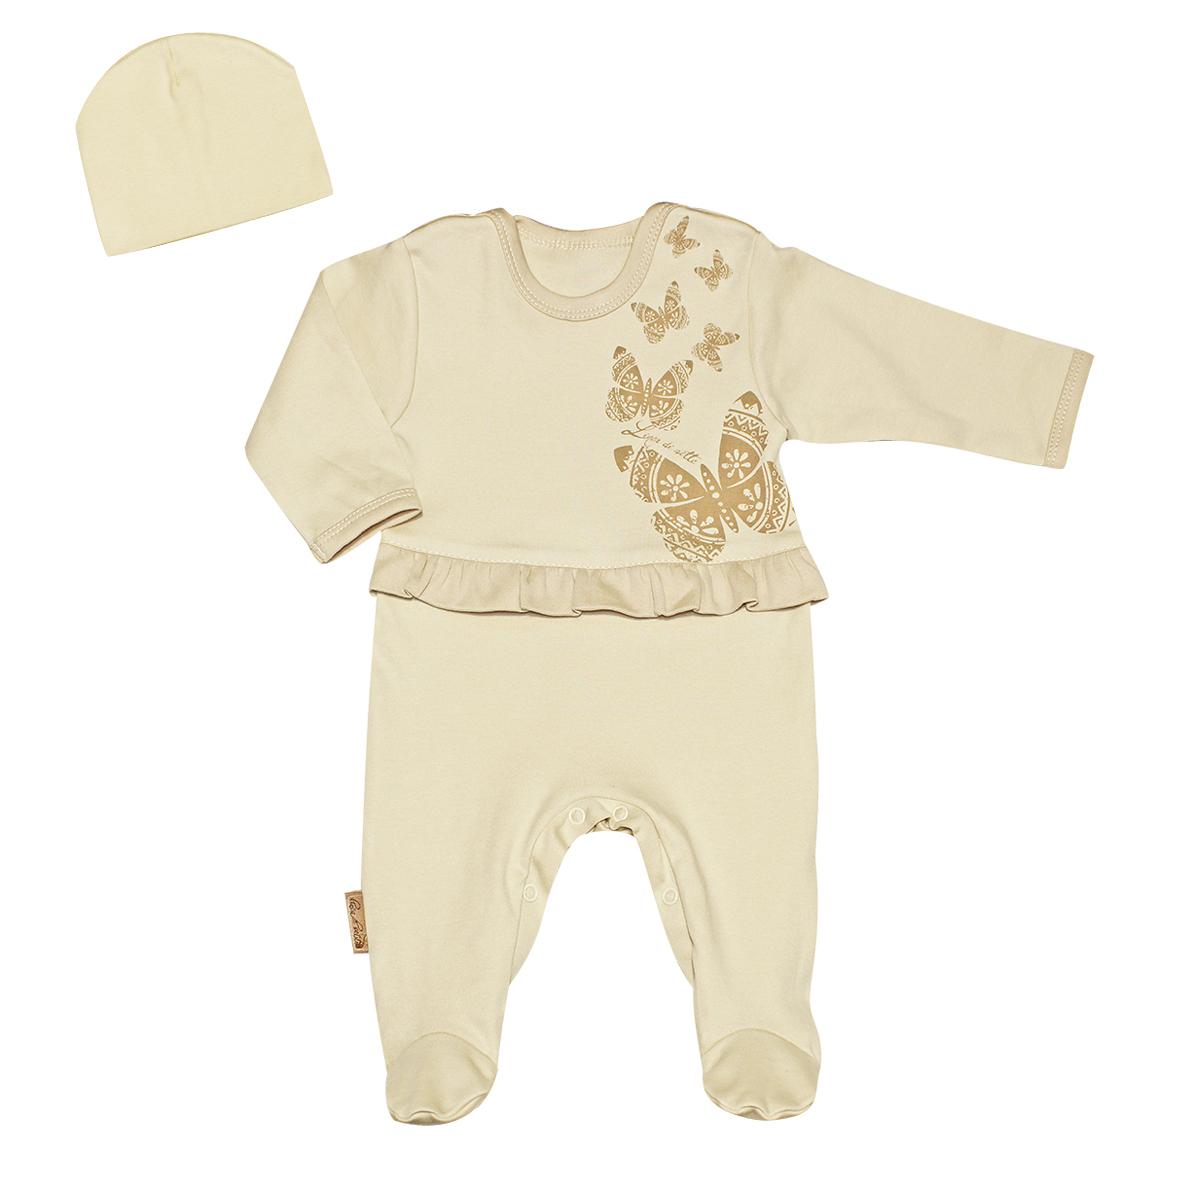 Комплект одежды03-3002Подарочный комплект для девочки Linea Di Sette Бабочка, состоящий из комбинезона и шапочки, станет отличным дополнением к гардеробу вашей малышки. Изготовленный из интерлока - органического хлопка, он необычайно мягкий и приятный на ощупь, не раздражает нежную кожу ребенка и хорошо вентилируется, а эластичные швы приятны телу младенца и не препятствуют его движениям. Комбинезон с длинными рукавами, круглым вырезом горловины и закрытыми ножками имеет застежки-кнопки на плечах и на ластовице, что помогает с легкостью переодеть ребенка или сменить подгузник. На талии модель дополнена неширокой оборкой. Оформлен комбинезон принтом с изображением бабочек. Мягкая, двойная шапочка, необходимая любому младенцу, защитит еще не заросший родничок. Она щадит чувствительный слух ребенка, прикрывая ушки, и предохраняет от теплопотерь. Шапочка не раздражает нежную кожу ребенка и хорошо вентилируется, а эластичные швы обеспечивают максимальный комфорт ребенку. Такой комплект...